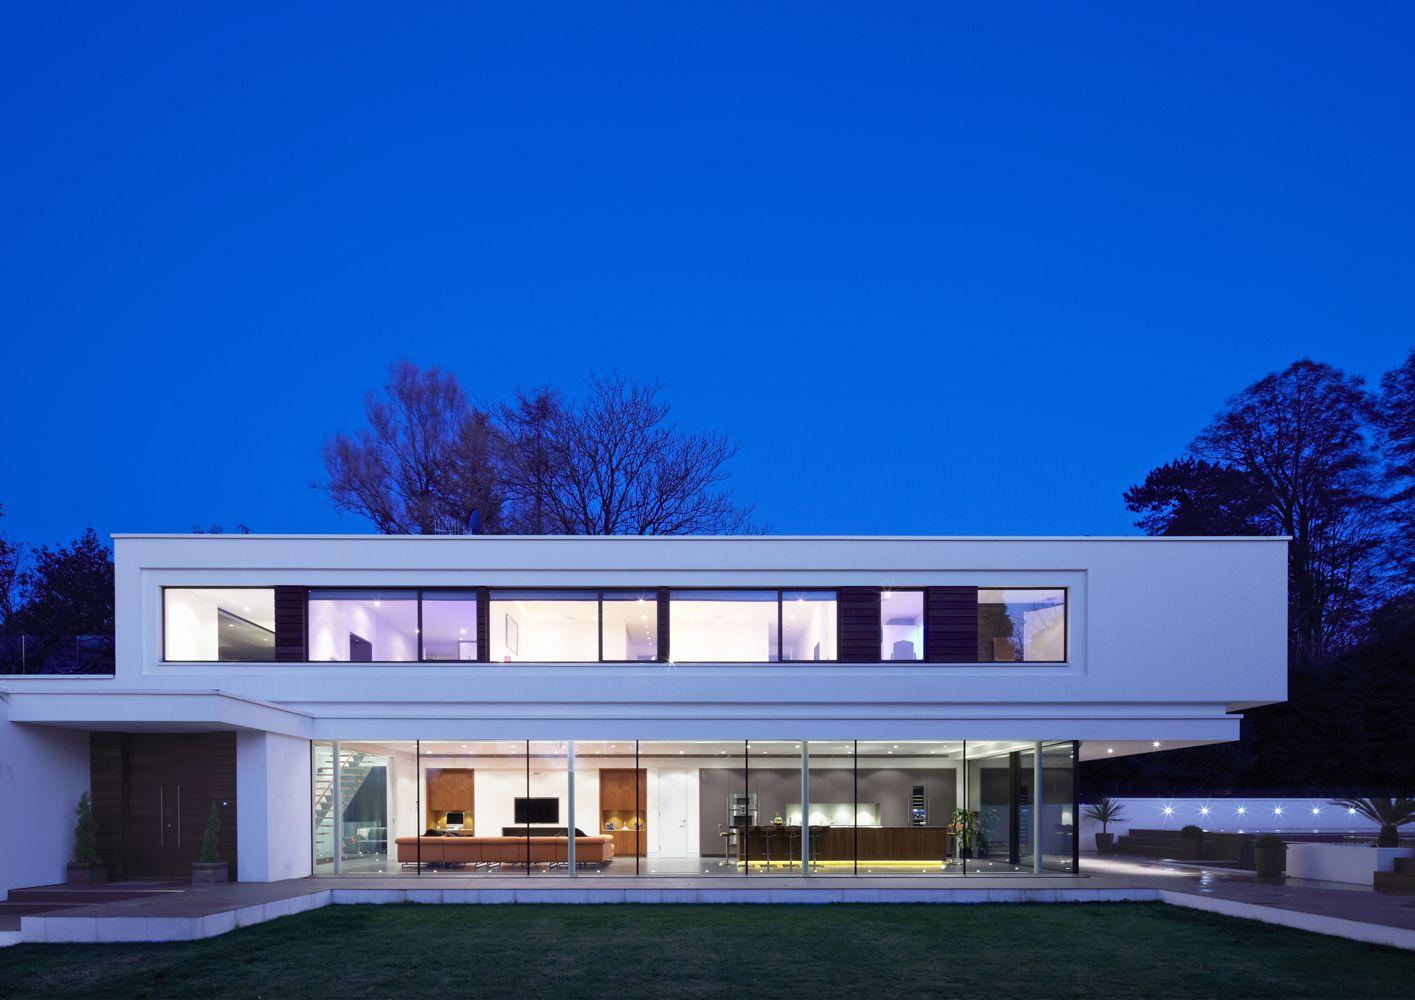 51b9e719b3fc4bd12a00000a_white-lodge-dyergrimes-architects_wl05logan